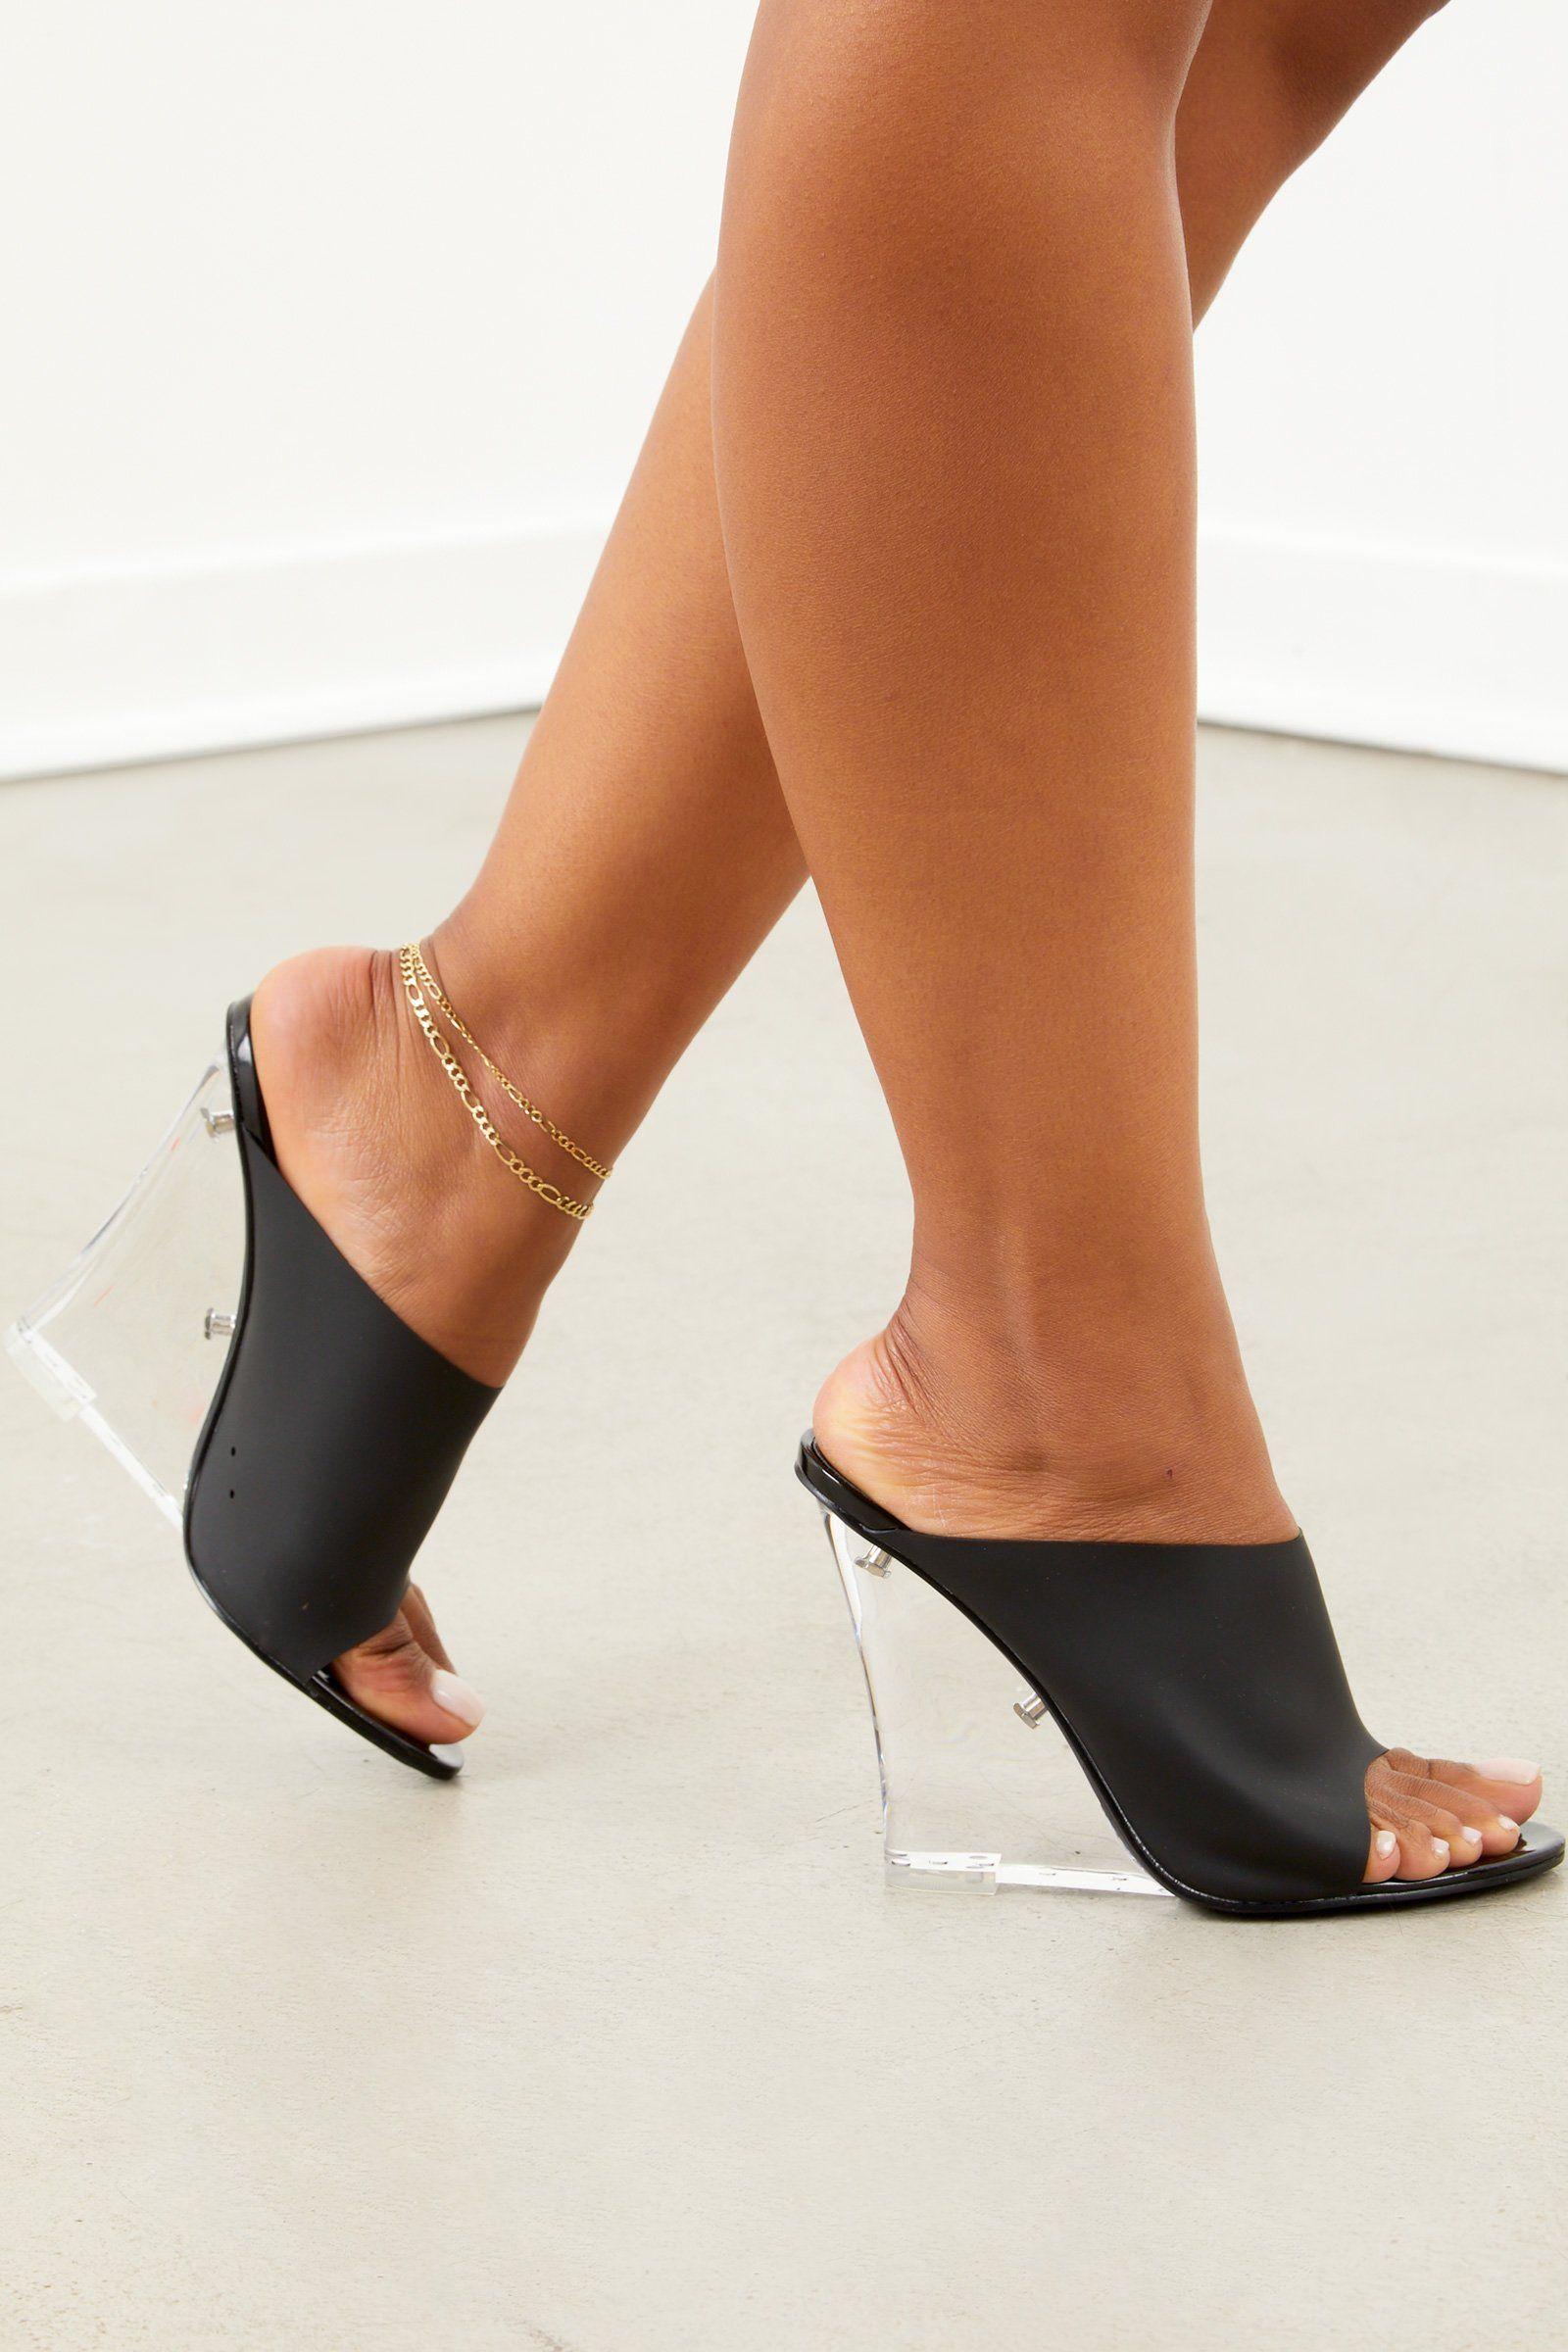 Clear Wedge Heel - Black   Heels, Heels